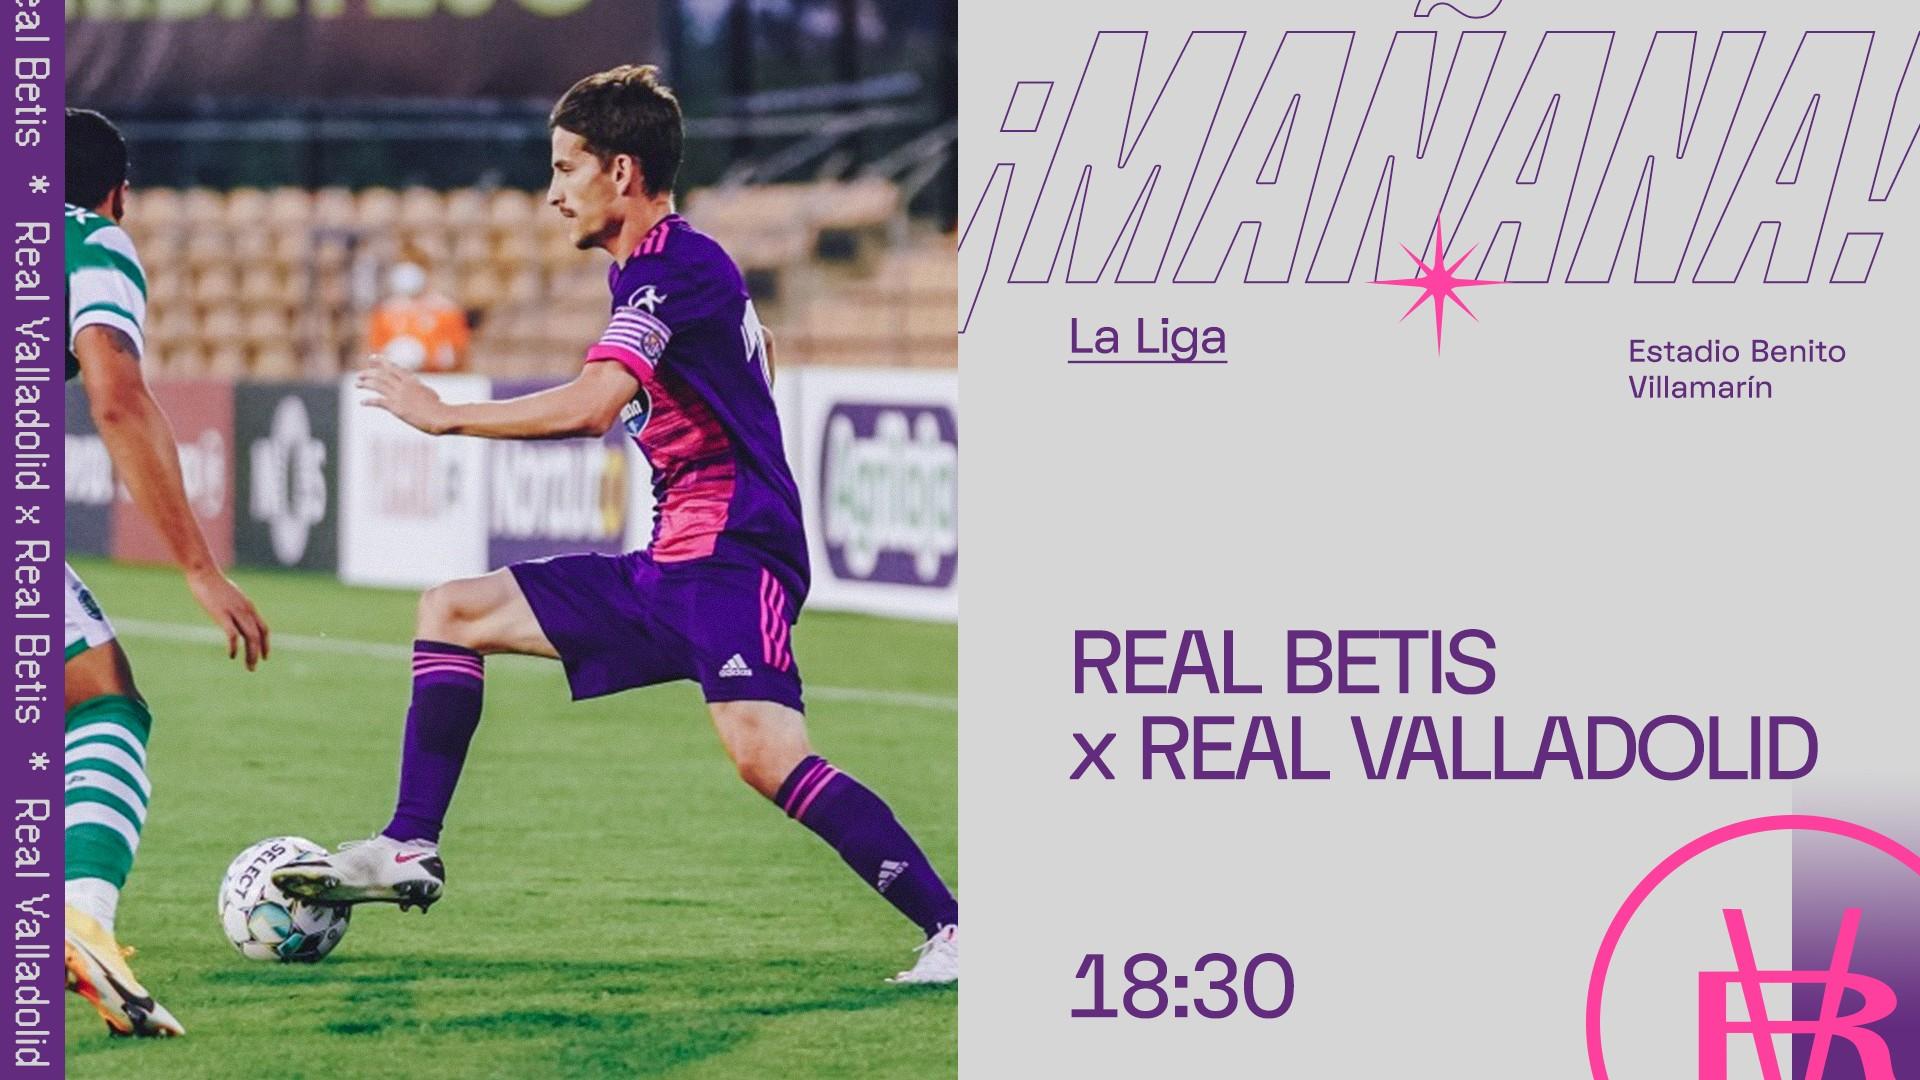 Real Betis Balompié - Real Valladolid C.F. Domingo 20 de Septiembre. 18:30 PreMatch